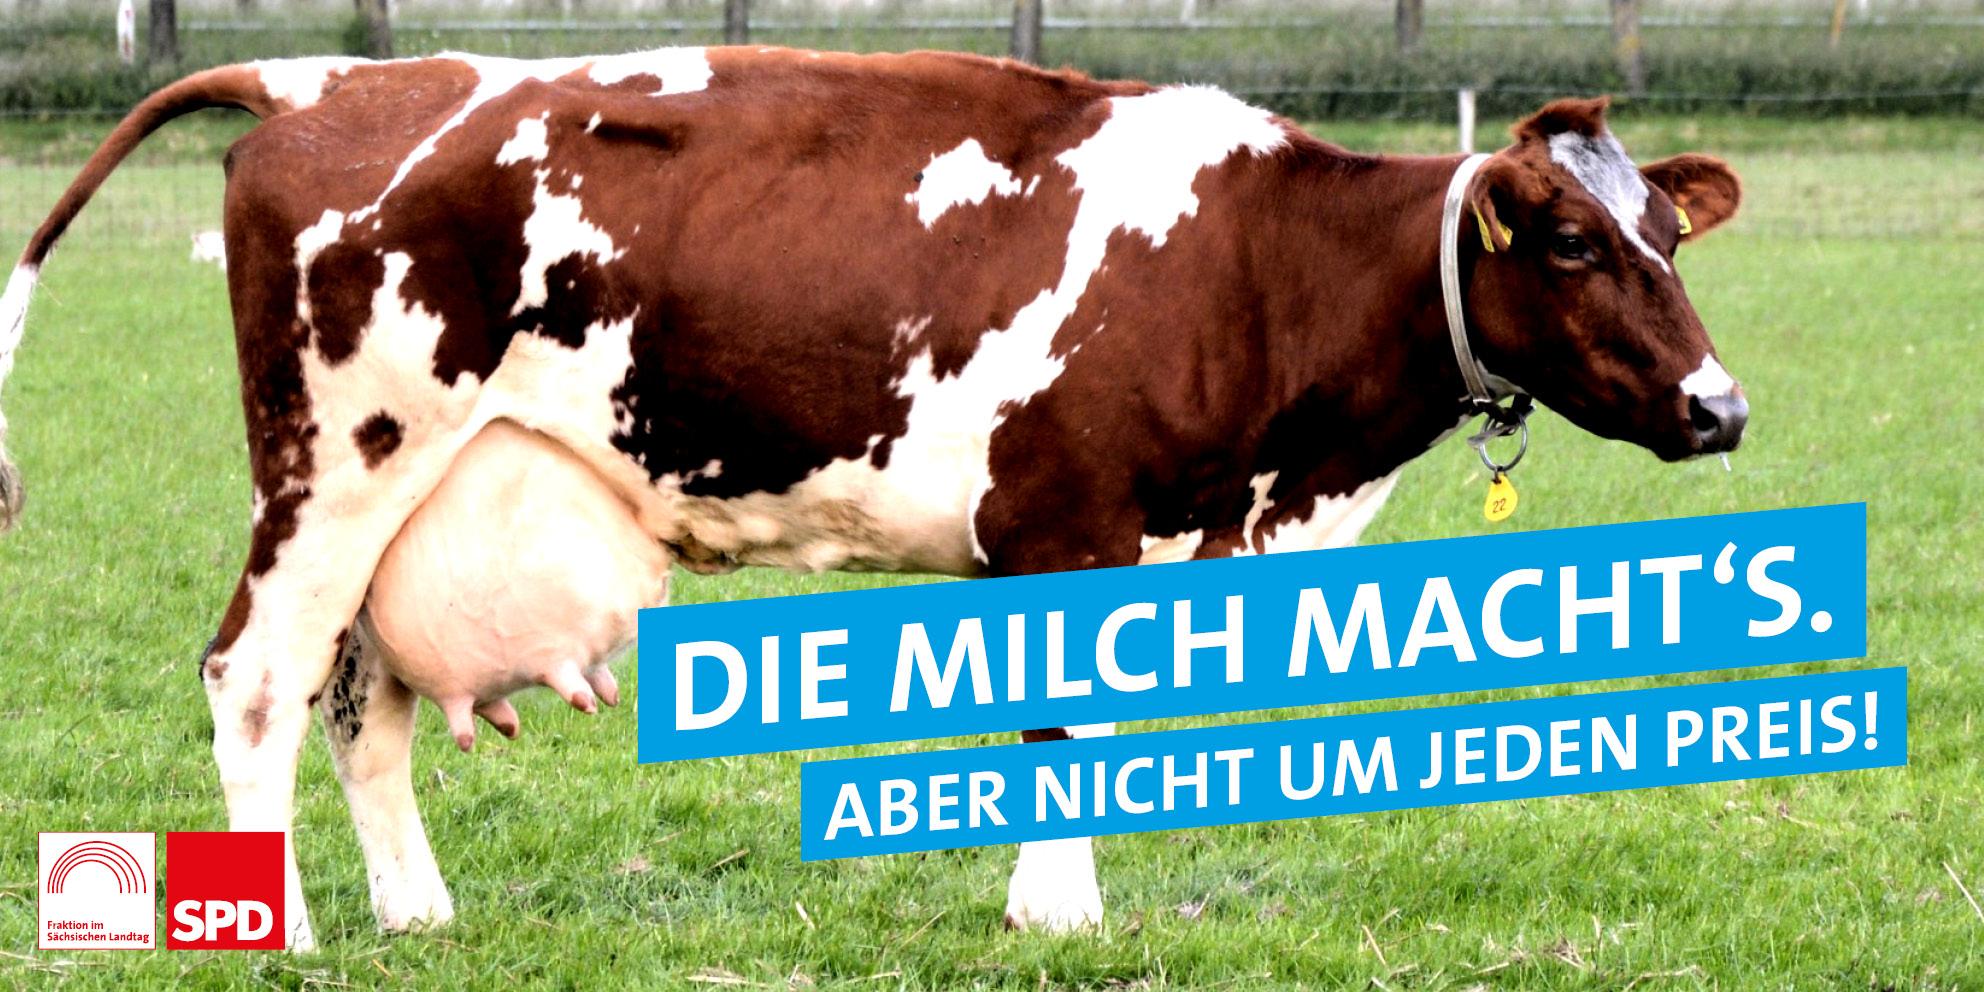 Die Milch macht's – aber nicht um jeden Preis